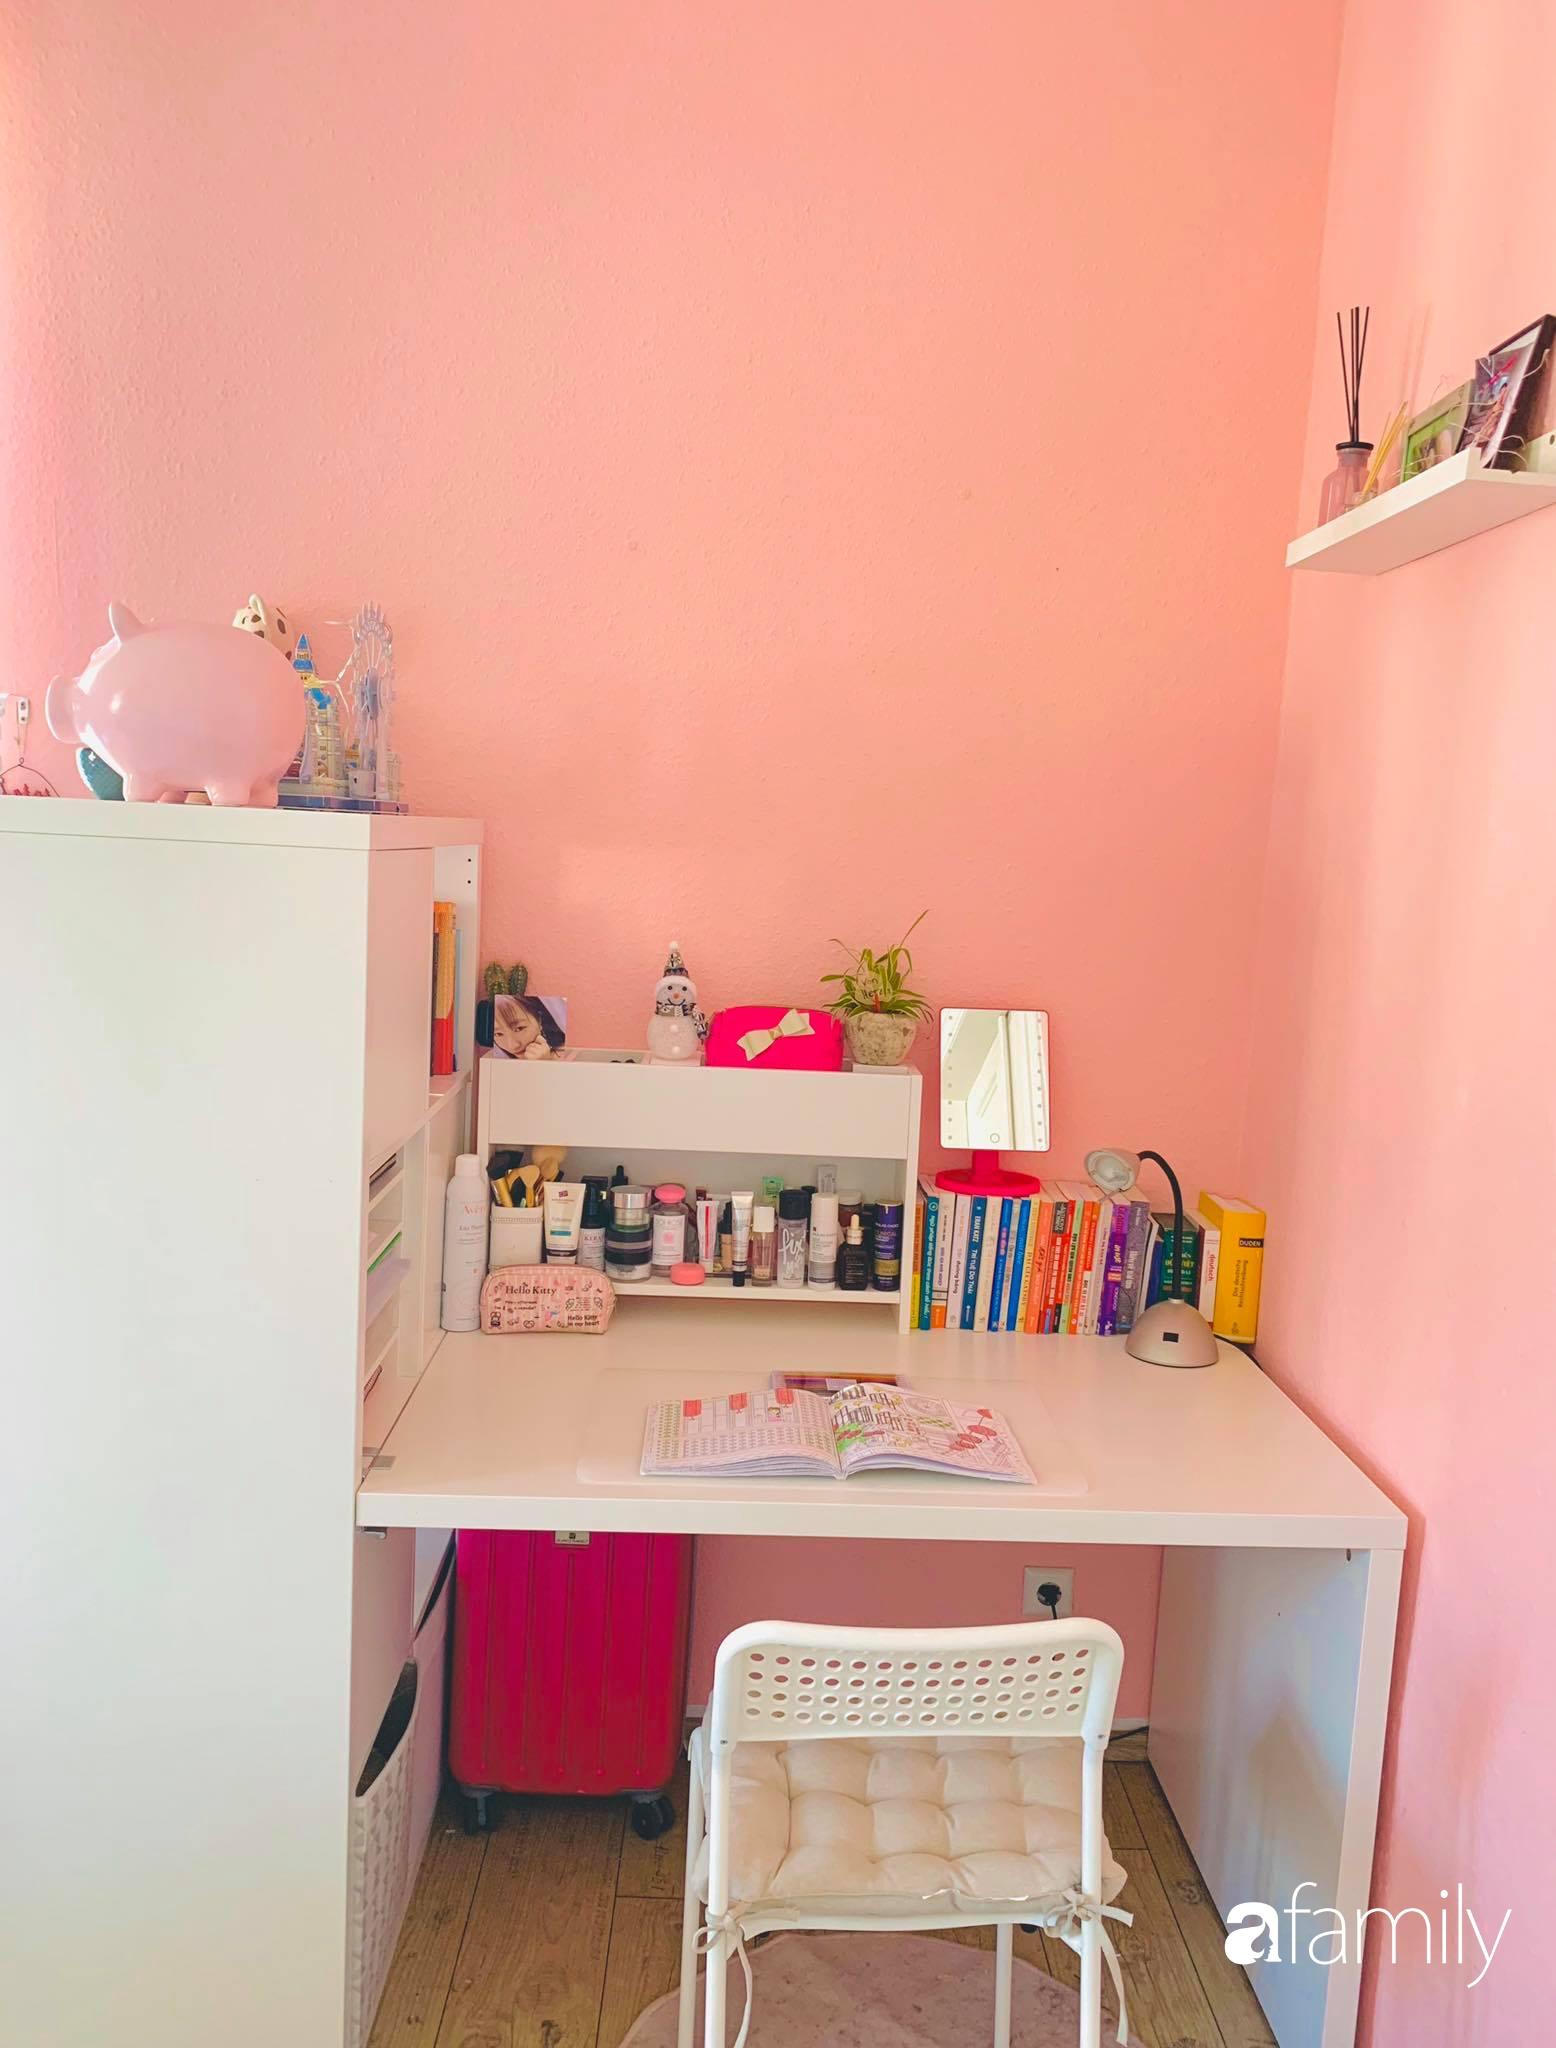 Giữa tâm dịch của nước Đức, cô gái Việt tạo niềm vui bằng cách cải tạo căn phòng thành không gian màu hồng mộng mơ - Ảnh 5.